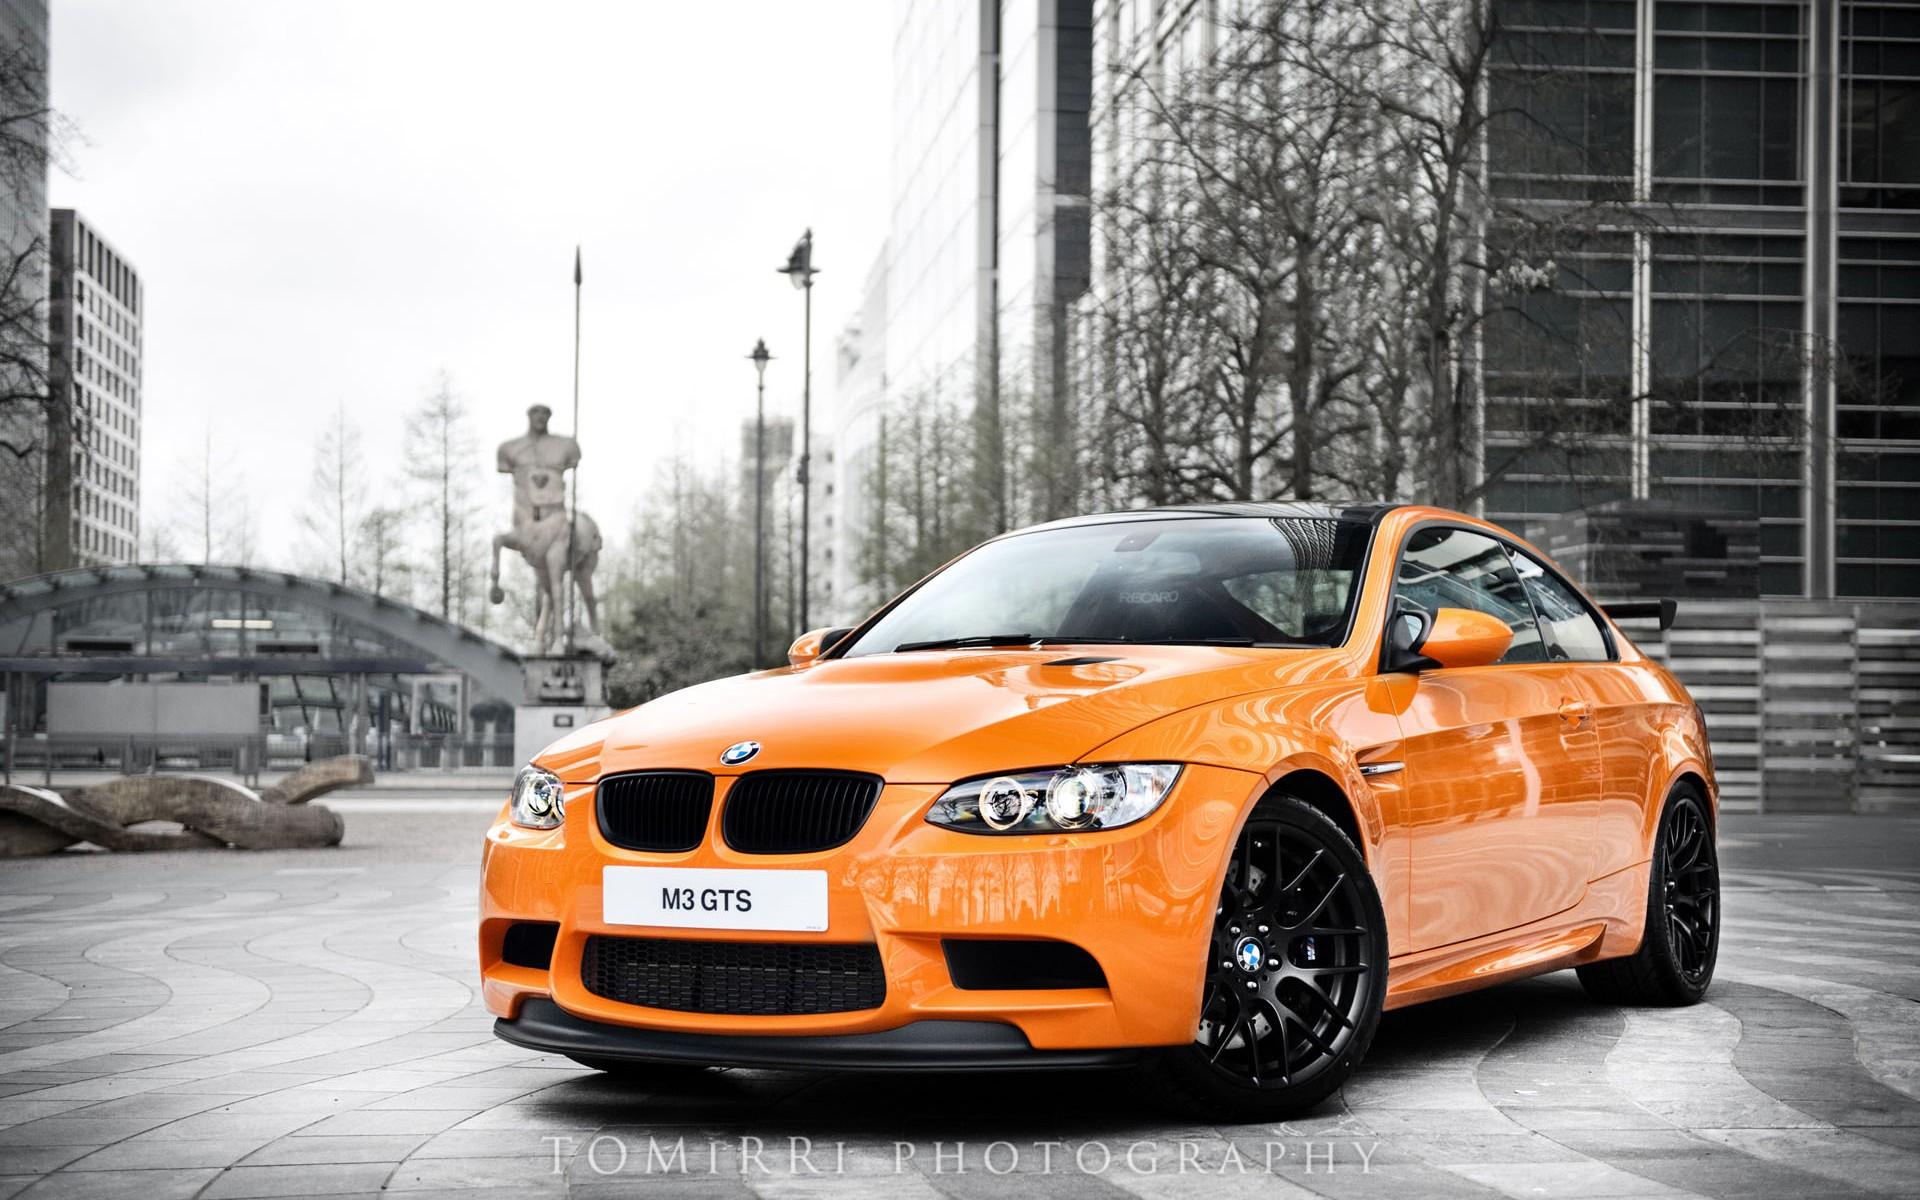 BMW M3 GTS Wallpaper | HD Car Wallpapers | ID #2561